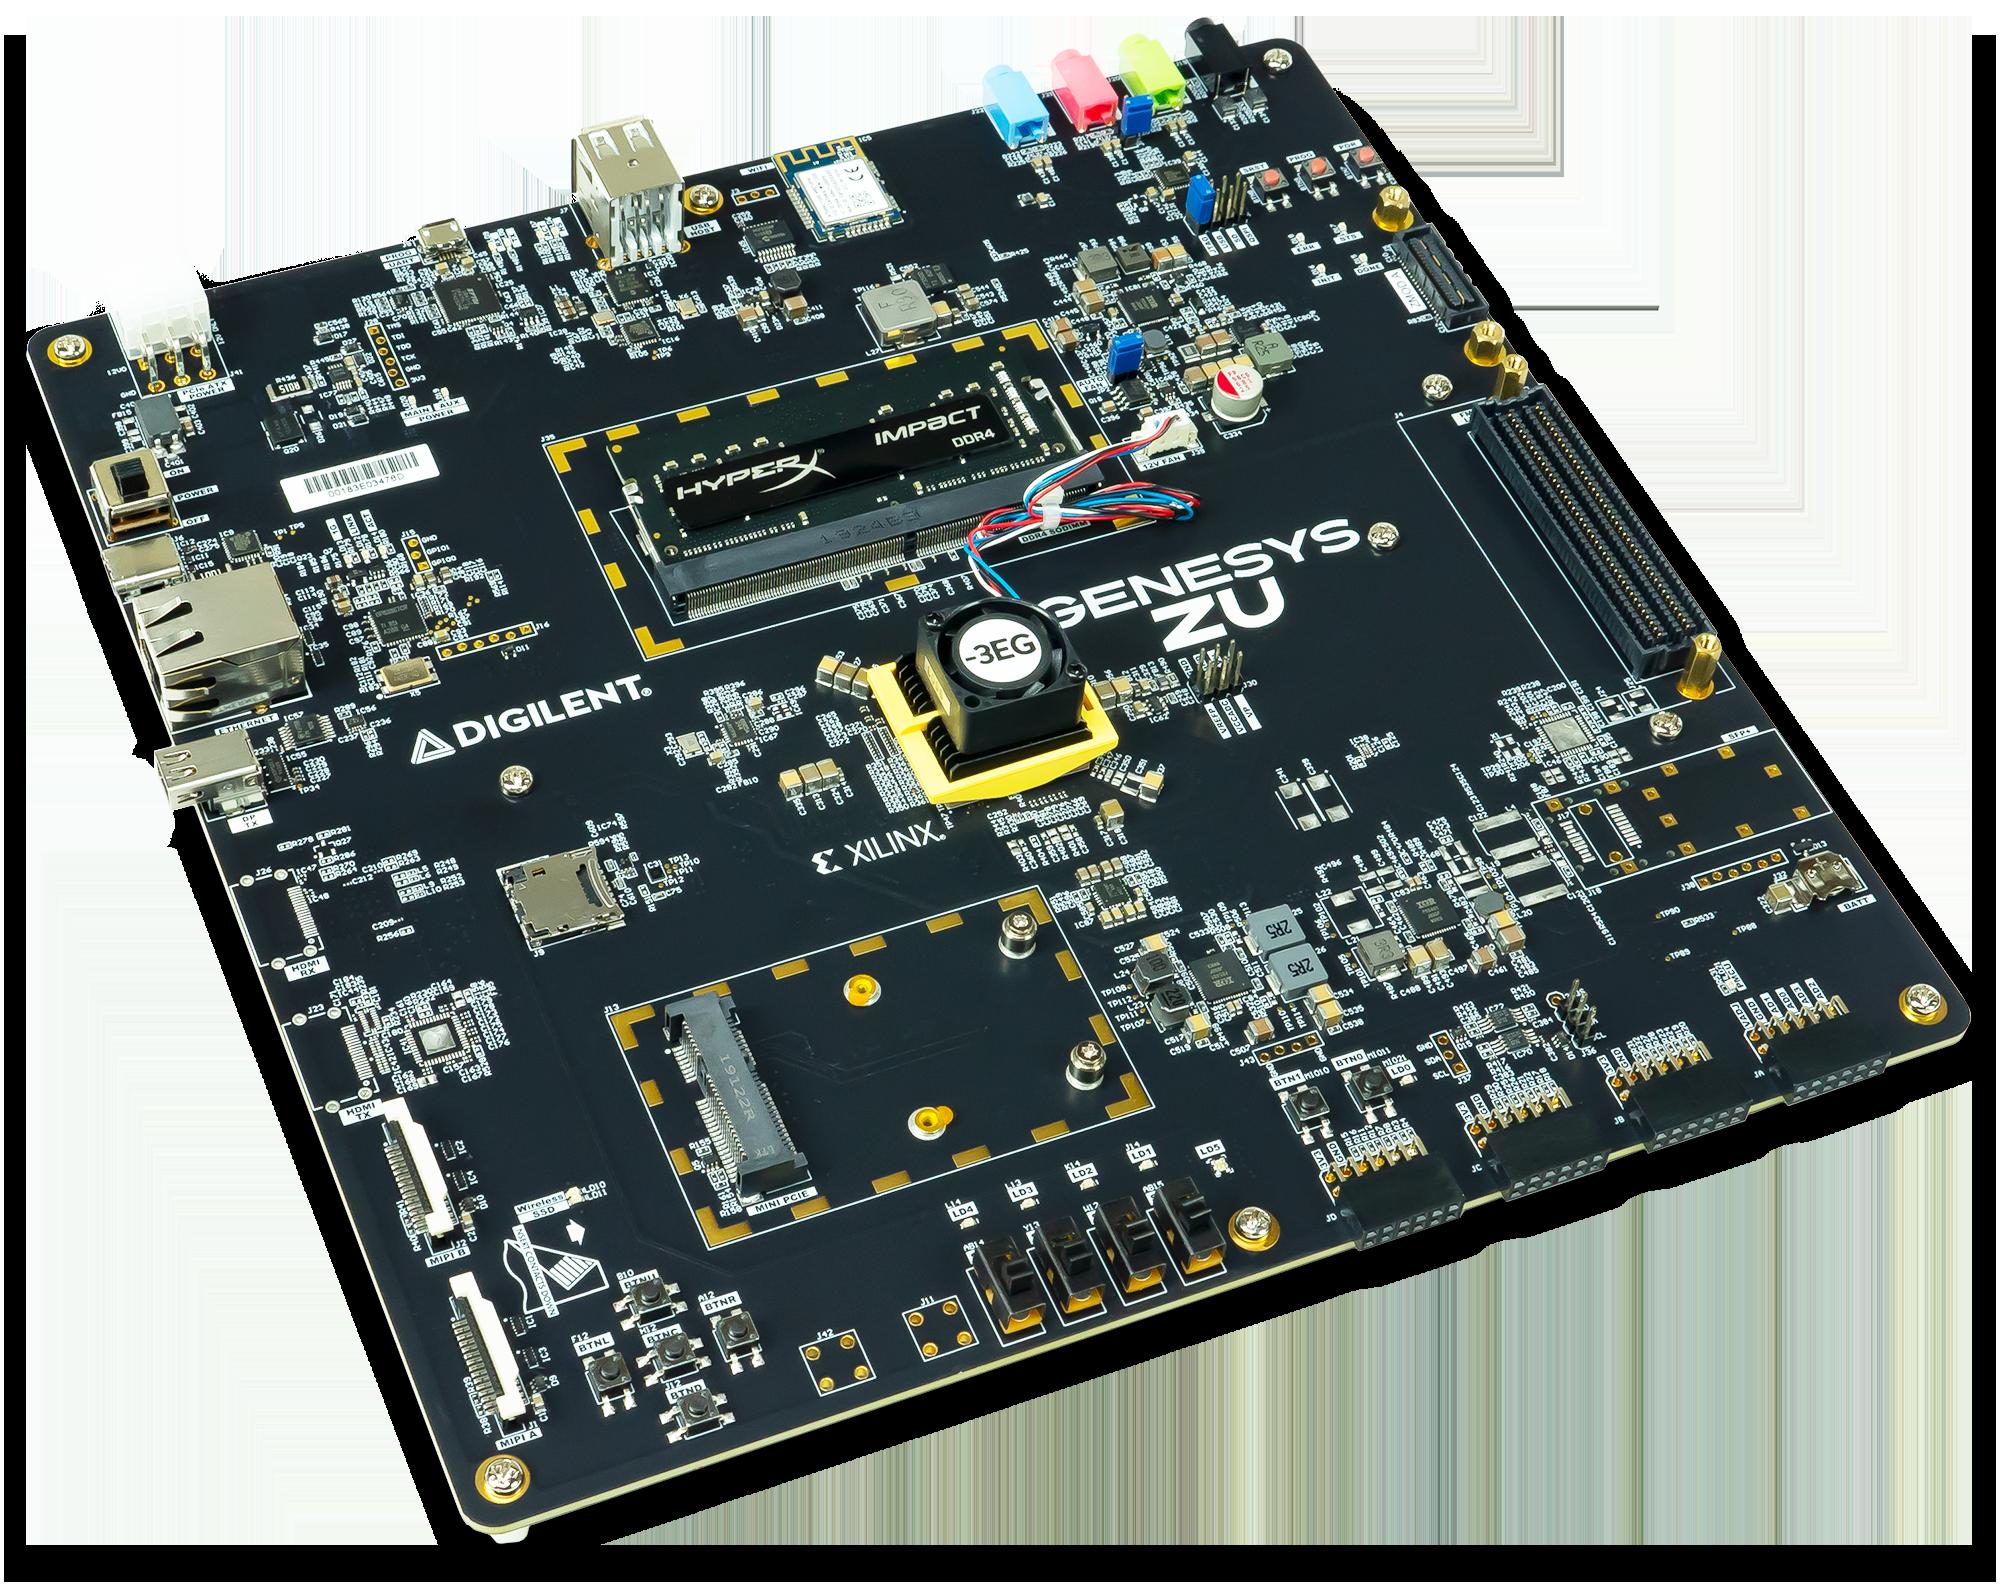 reference:programmable-logic:genesys-zu:genesyszu-obl-2000.png